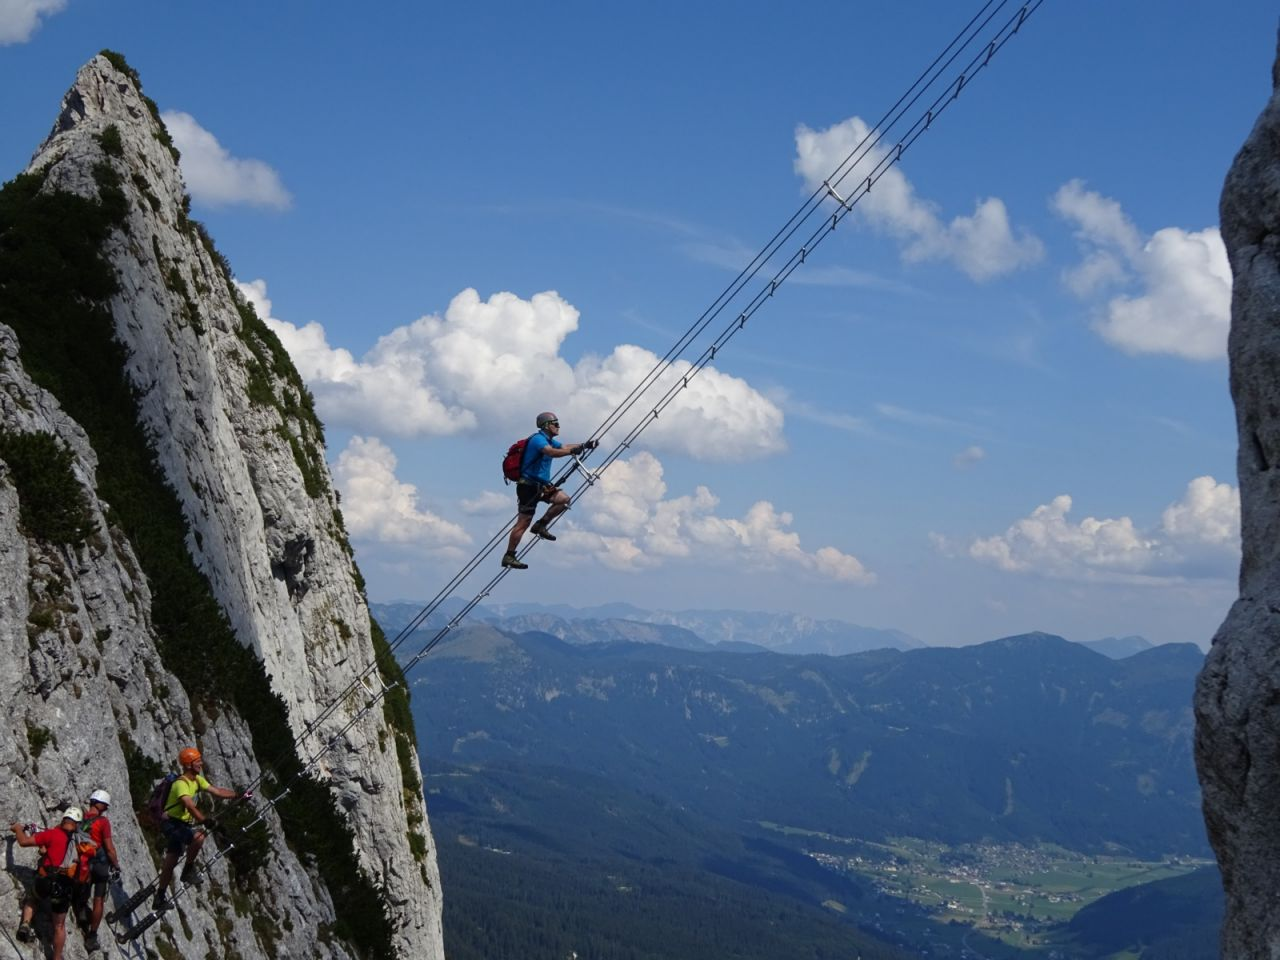 Klettersteig Intersport : Intersport klettersteig auf den großen donnerkogel 2.054 m alpenverein